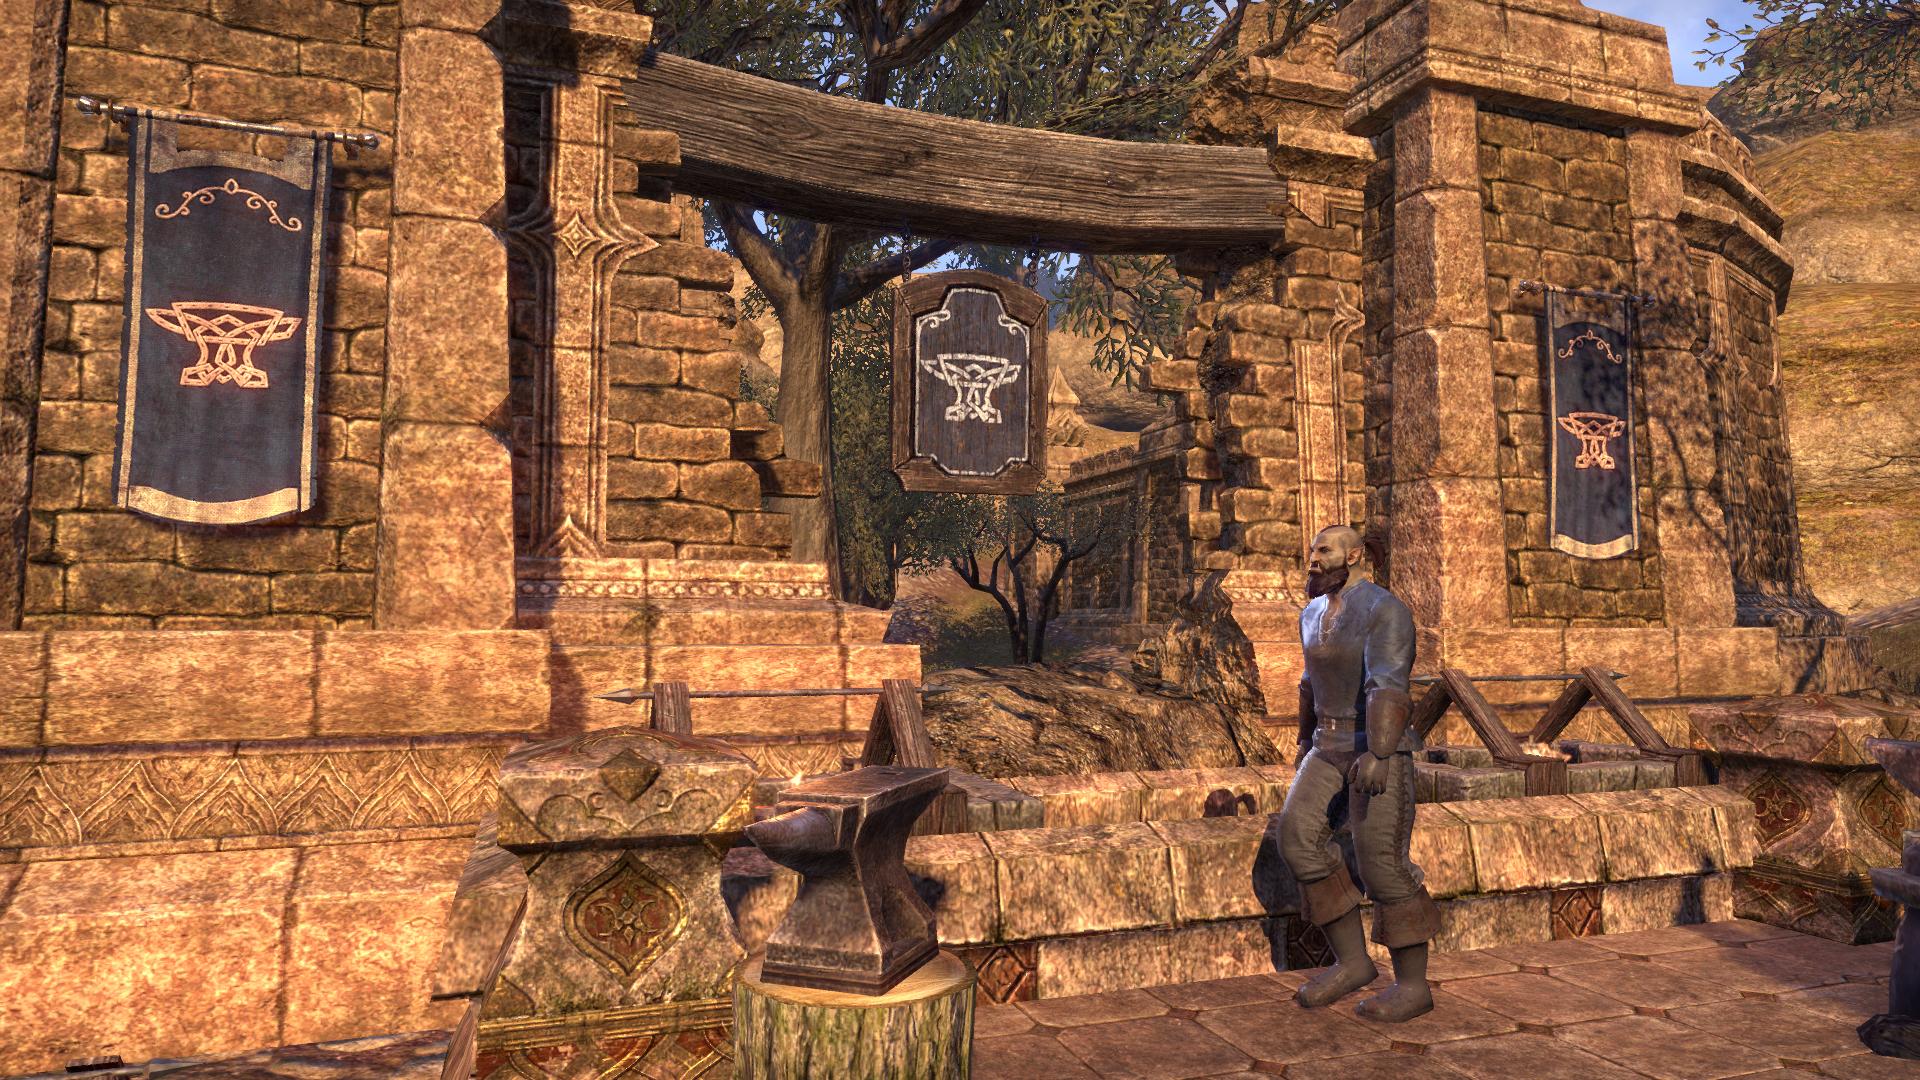 The Black Anvil (Marketplace)